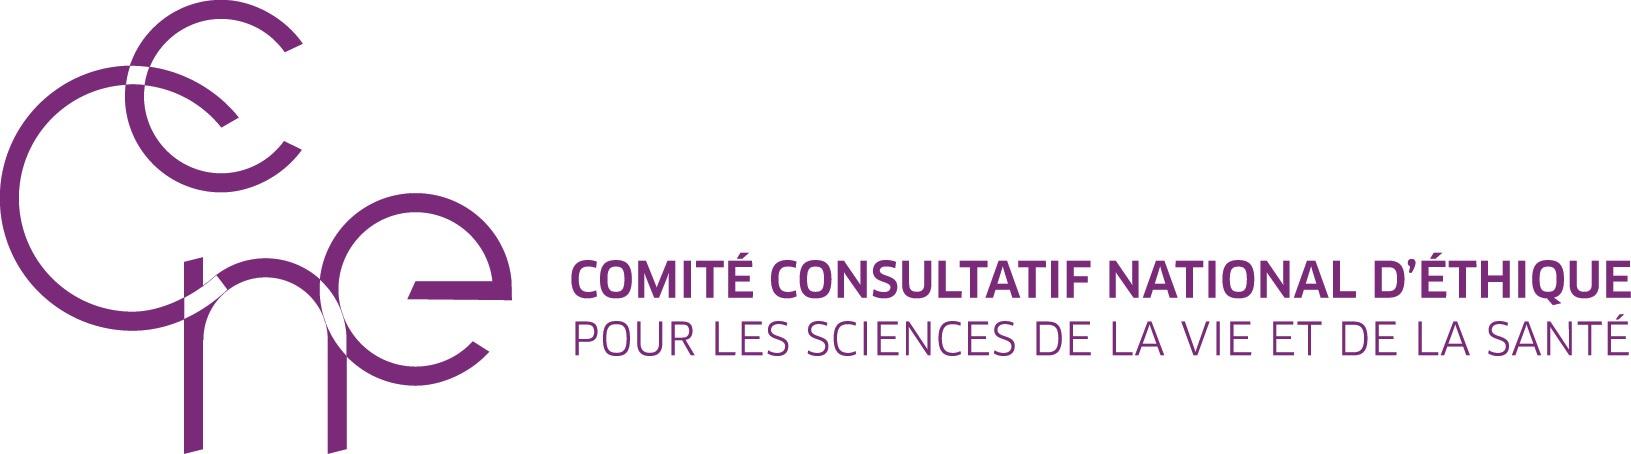 Comité Consultatif National d'Éthique